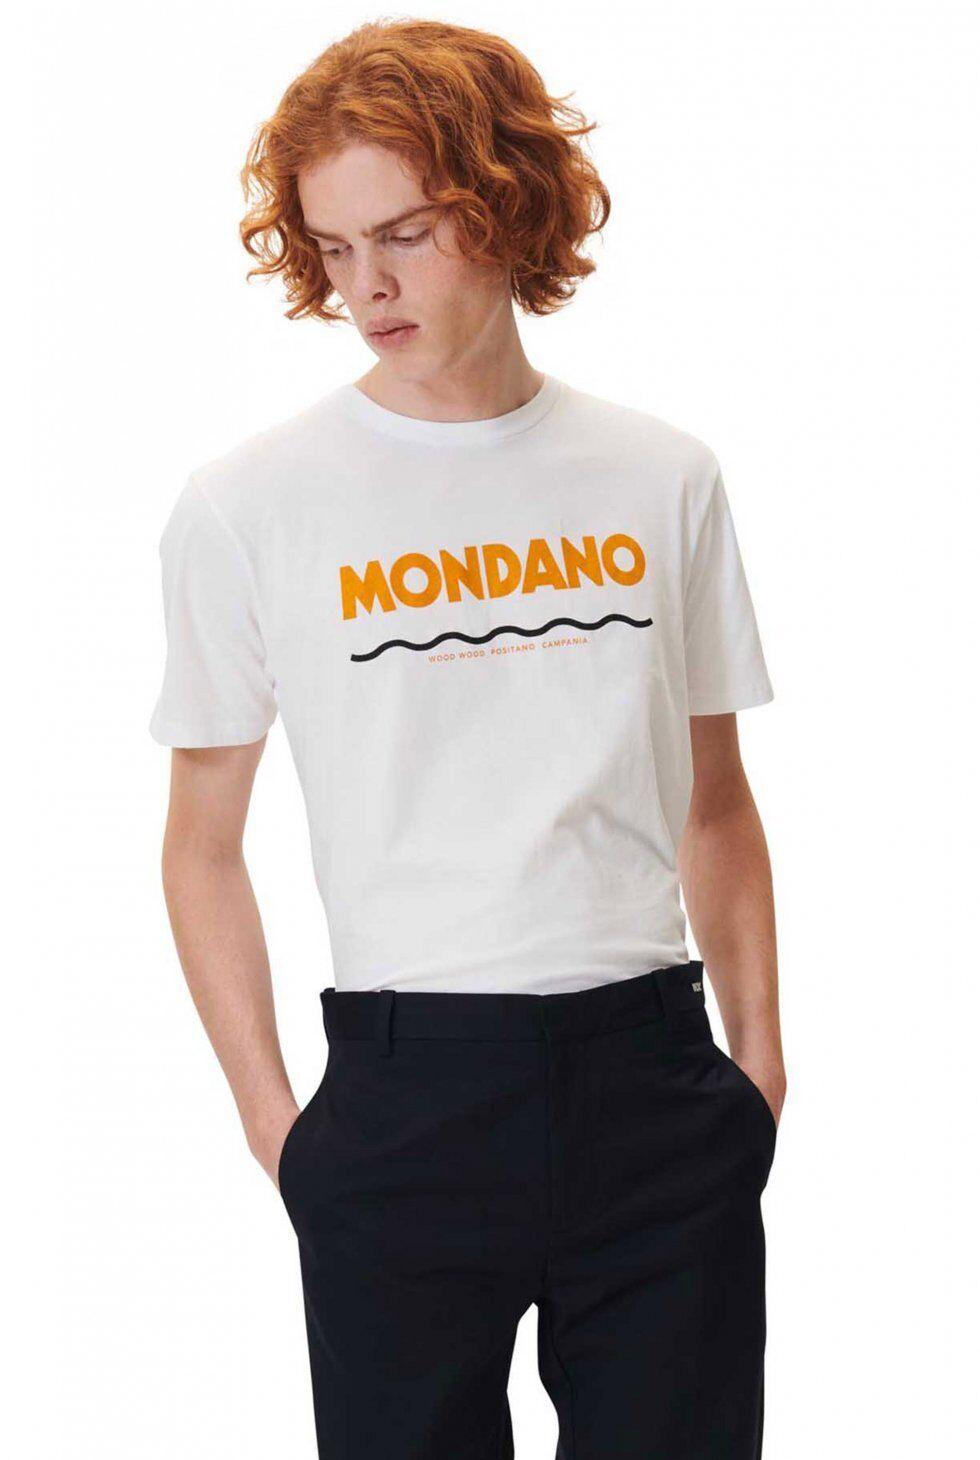 Wood Wood  Mondano T-shirt (BRIGHT blancoo)  en promociones de estadios